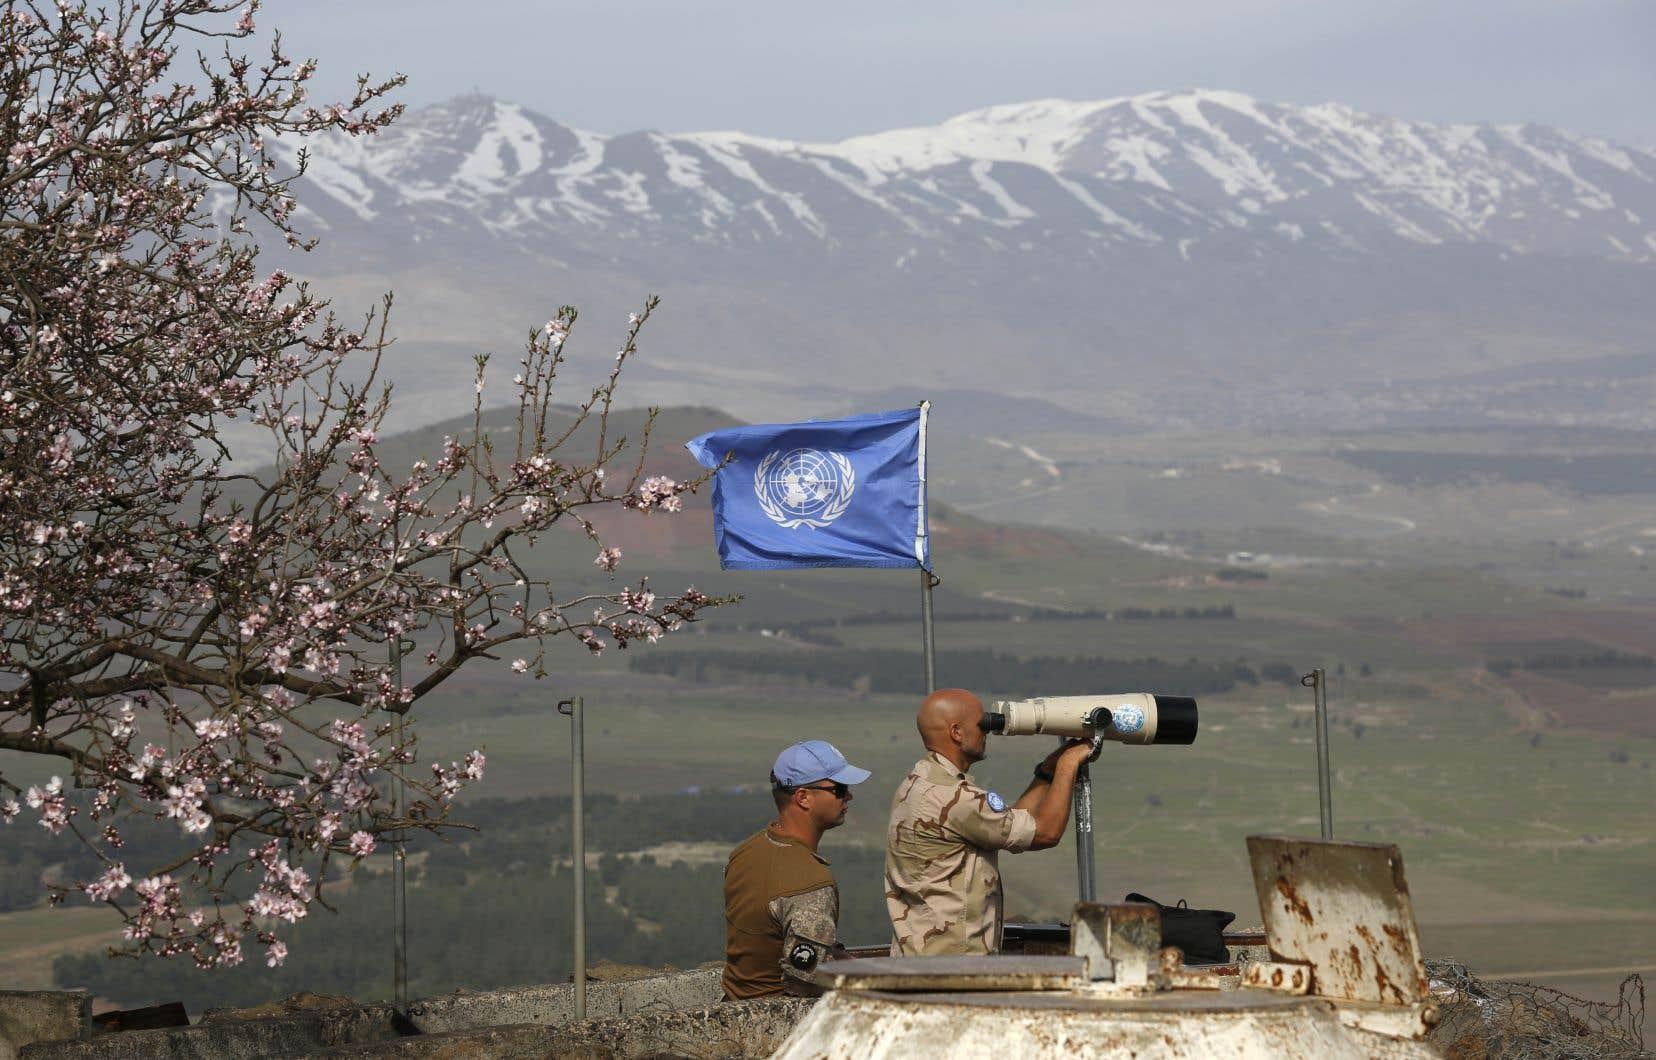 Des membres de l'ONU surveillent la frontière israélo-syrienne dans le plateau du Golan, territoire annexé par Israël.